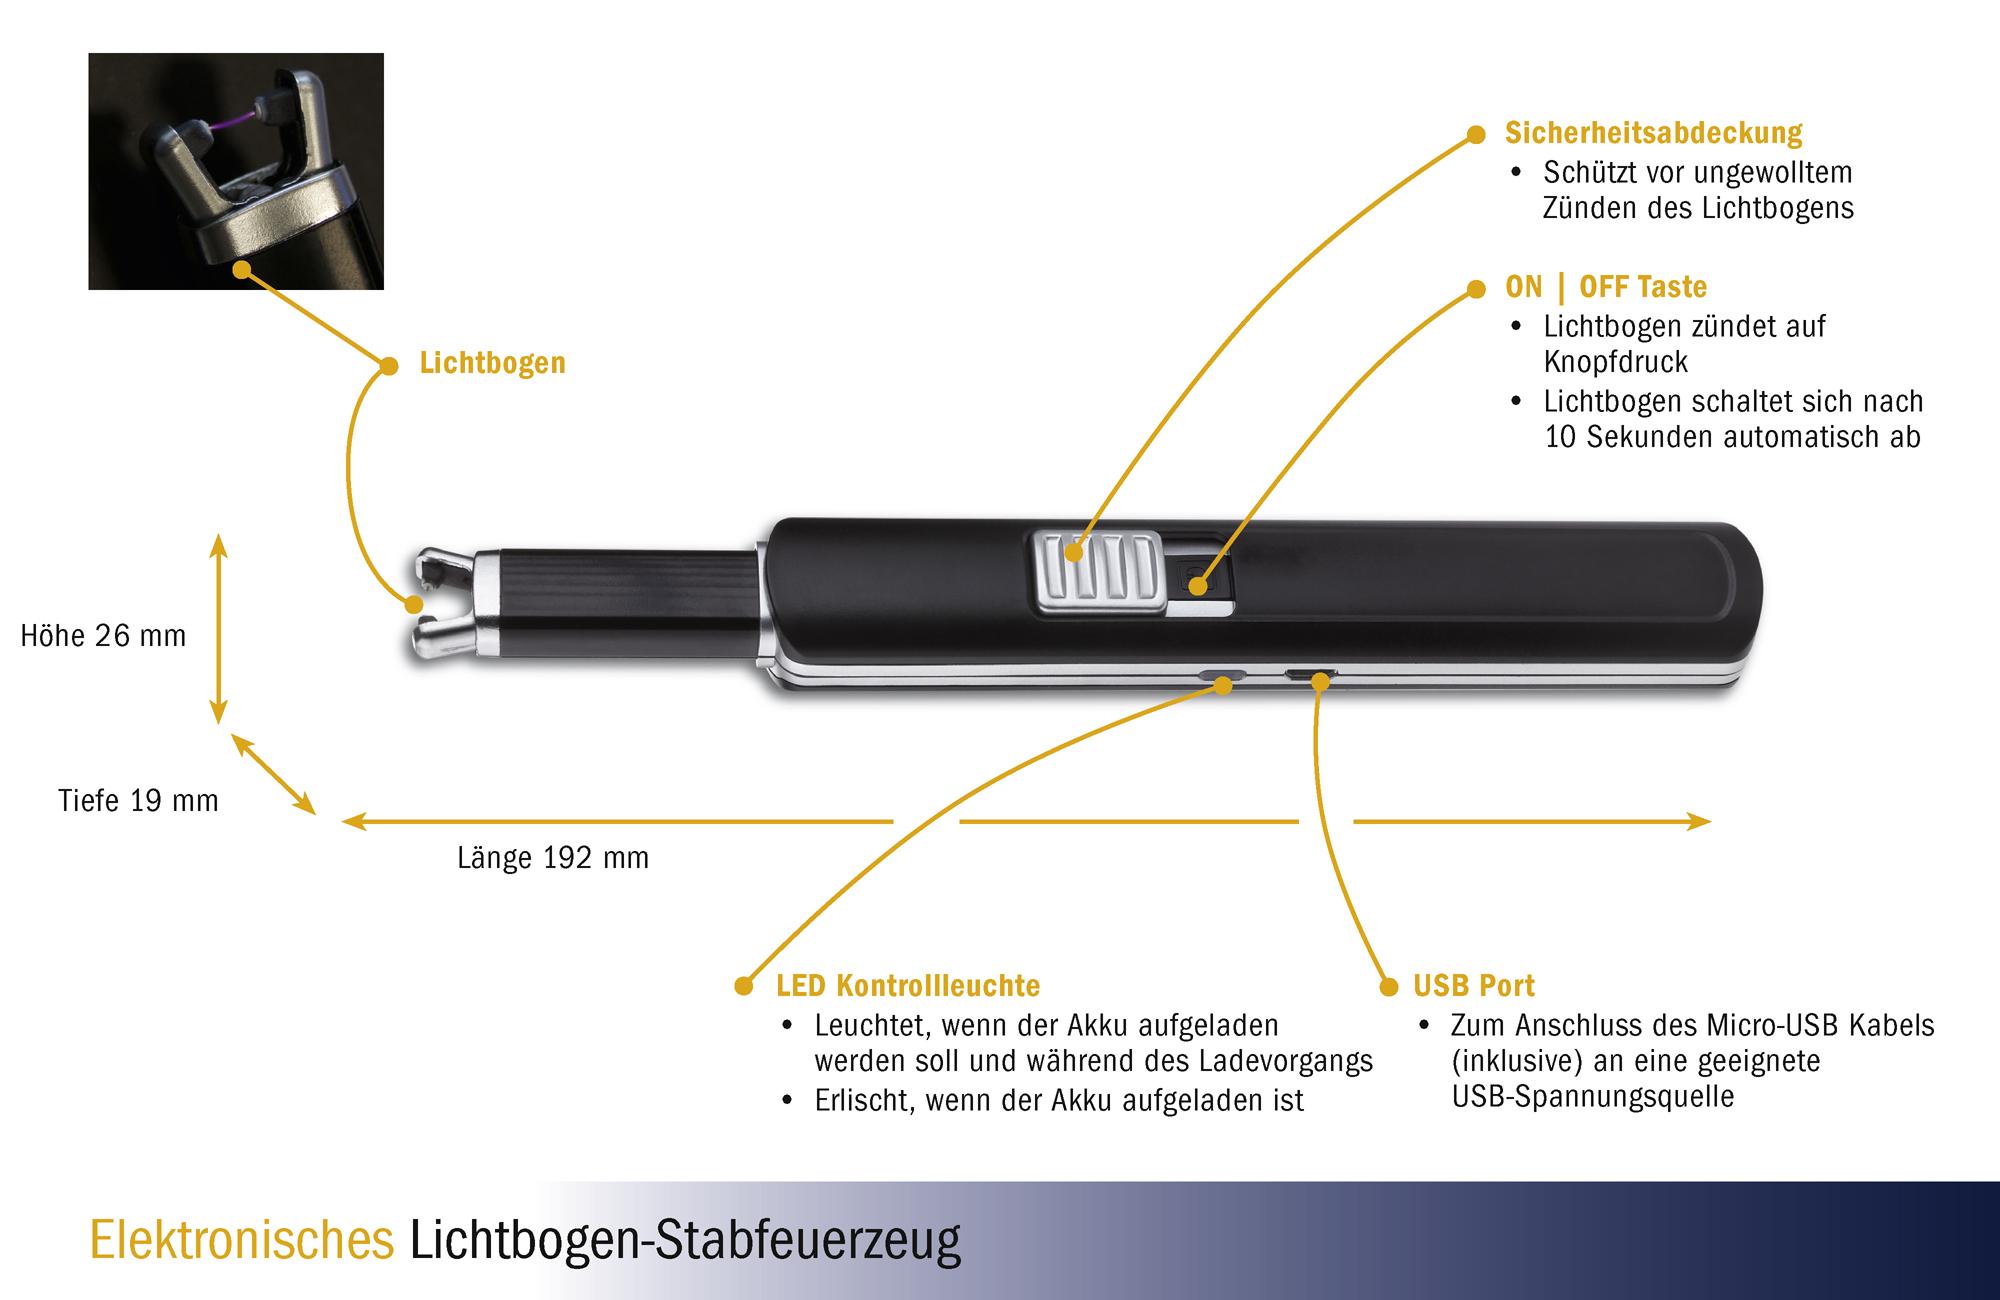 Lichtbogen_Stabfeuerzeug_981119_Bemassung.jpg